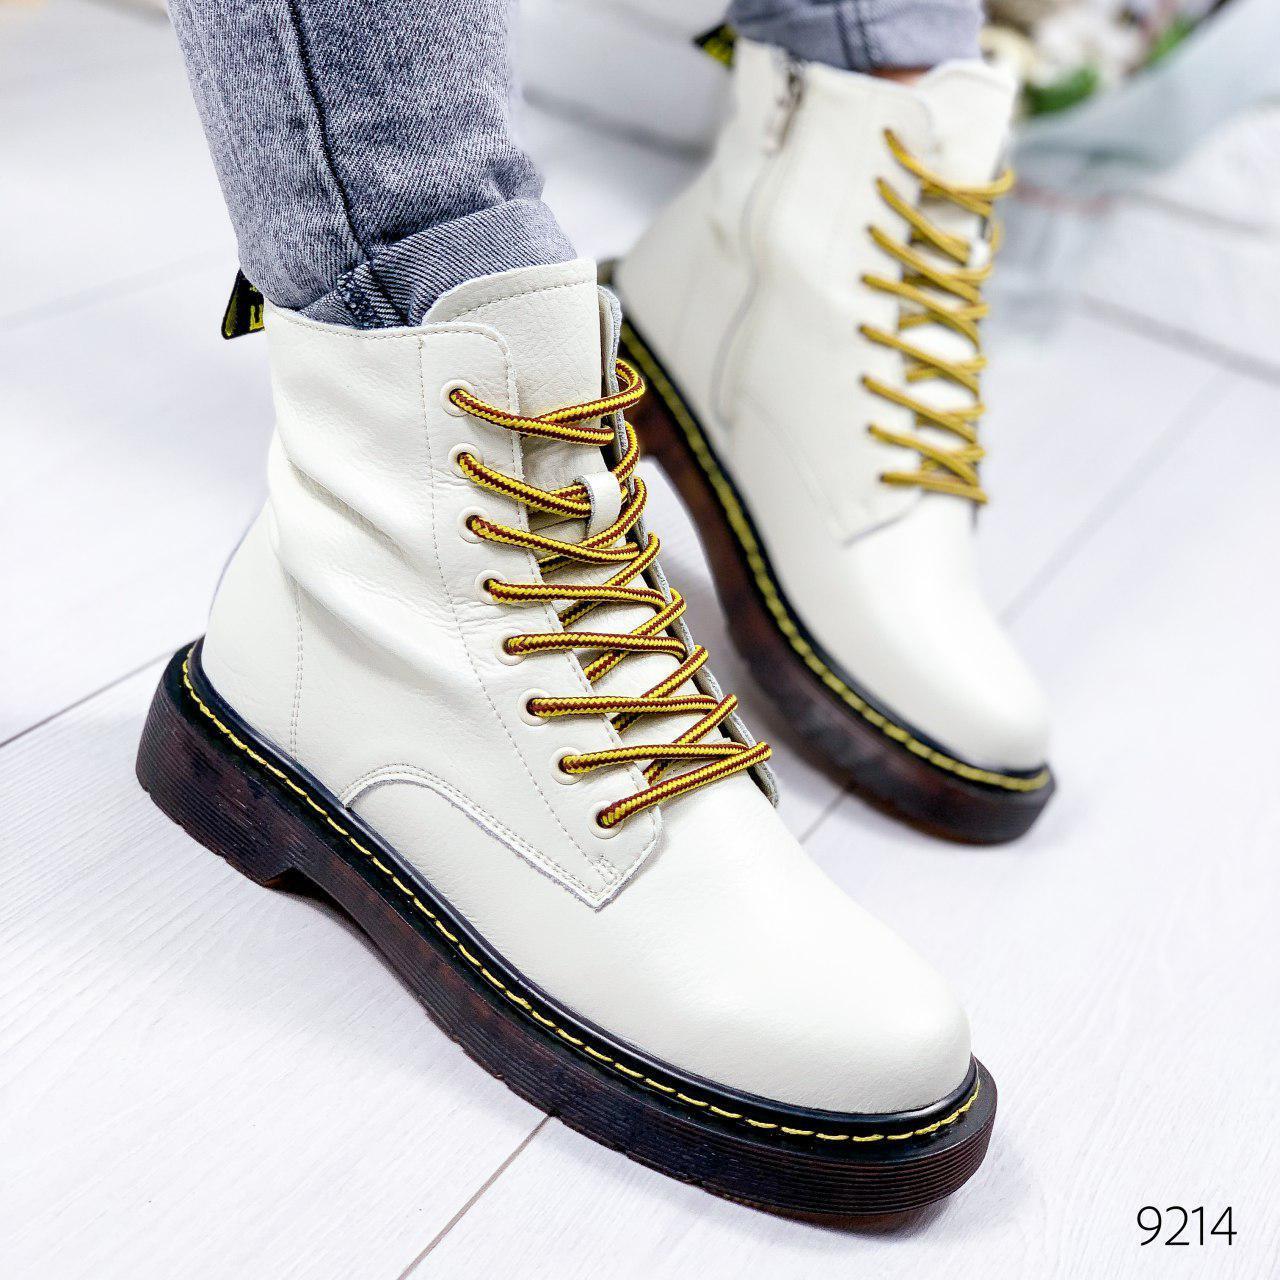 """Ботинки женские демисезонные, белого цвета из натуральной кожи """"9214"""". Черевики жіночі. Ботинки теплые"""